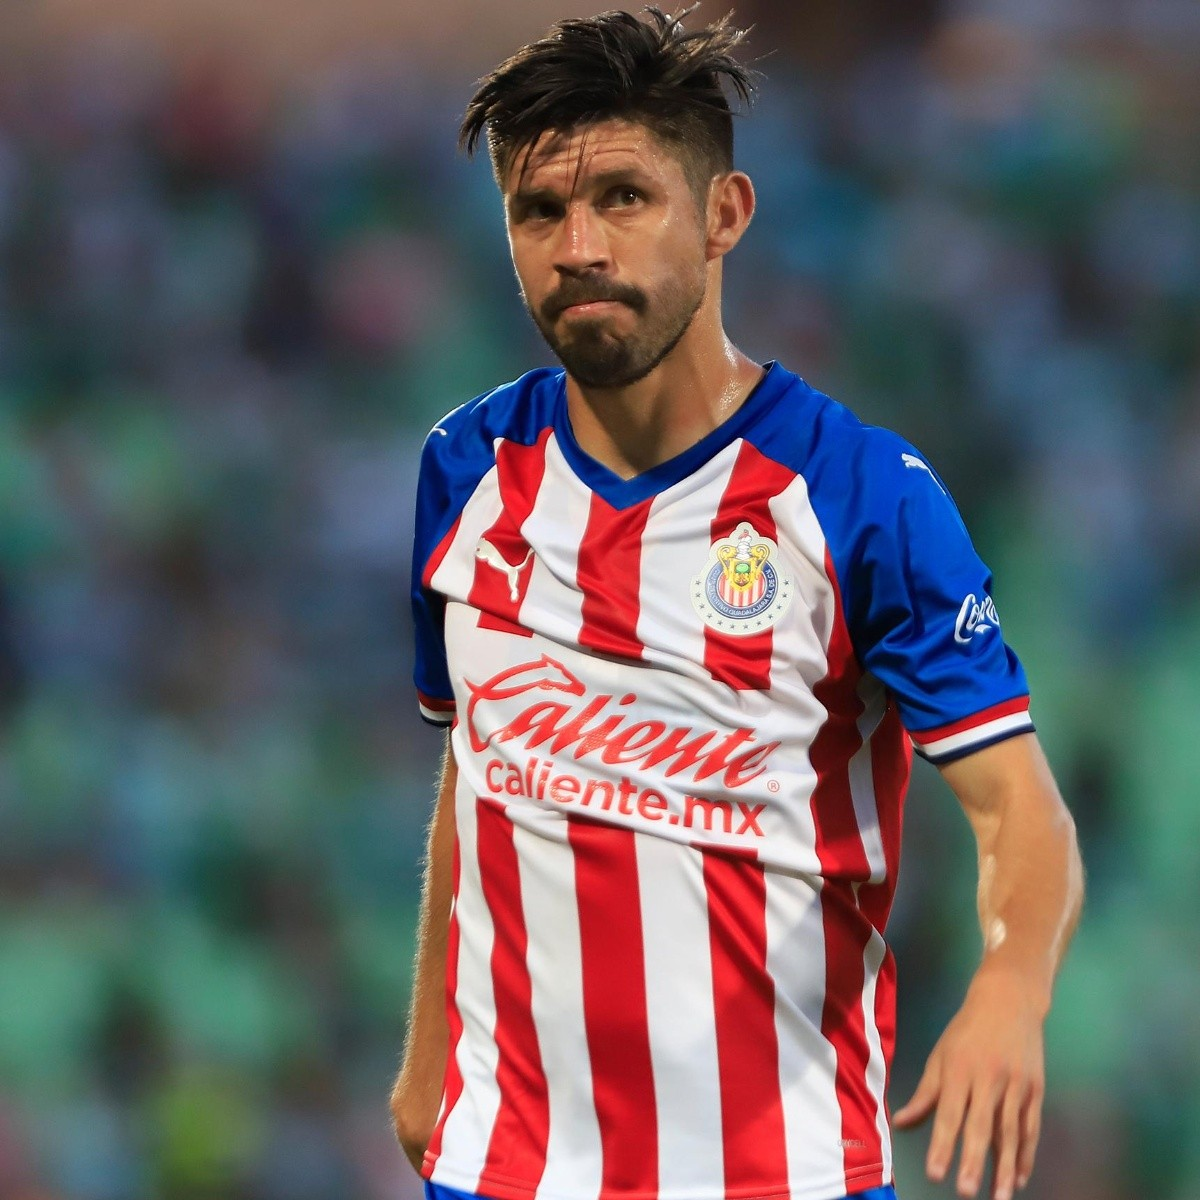 La razón por la que Chivas quiere salir de Oribe Peralta | Chivas ...